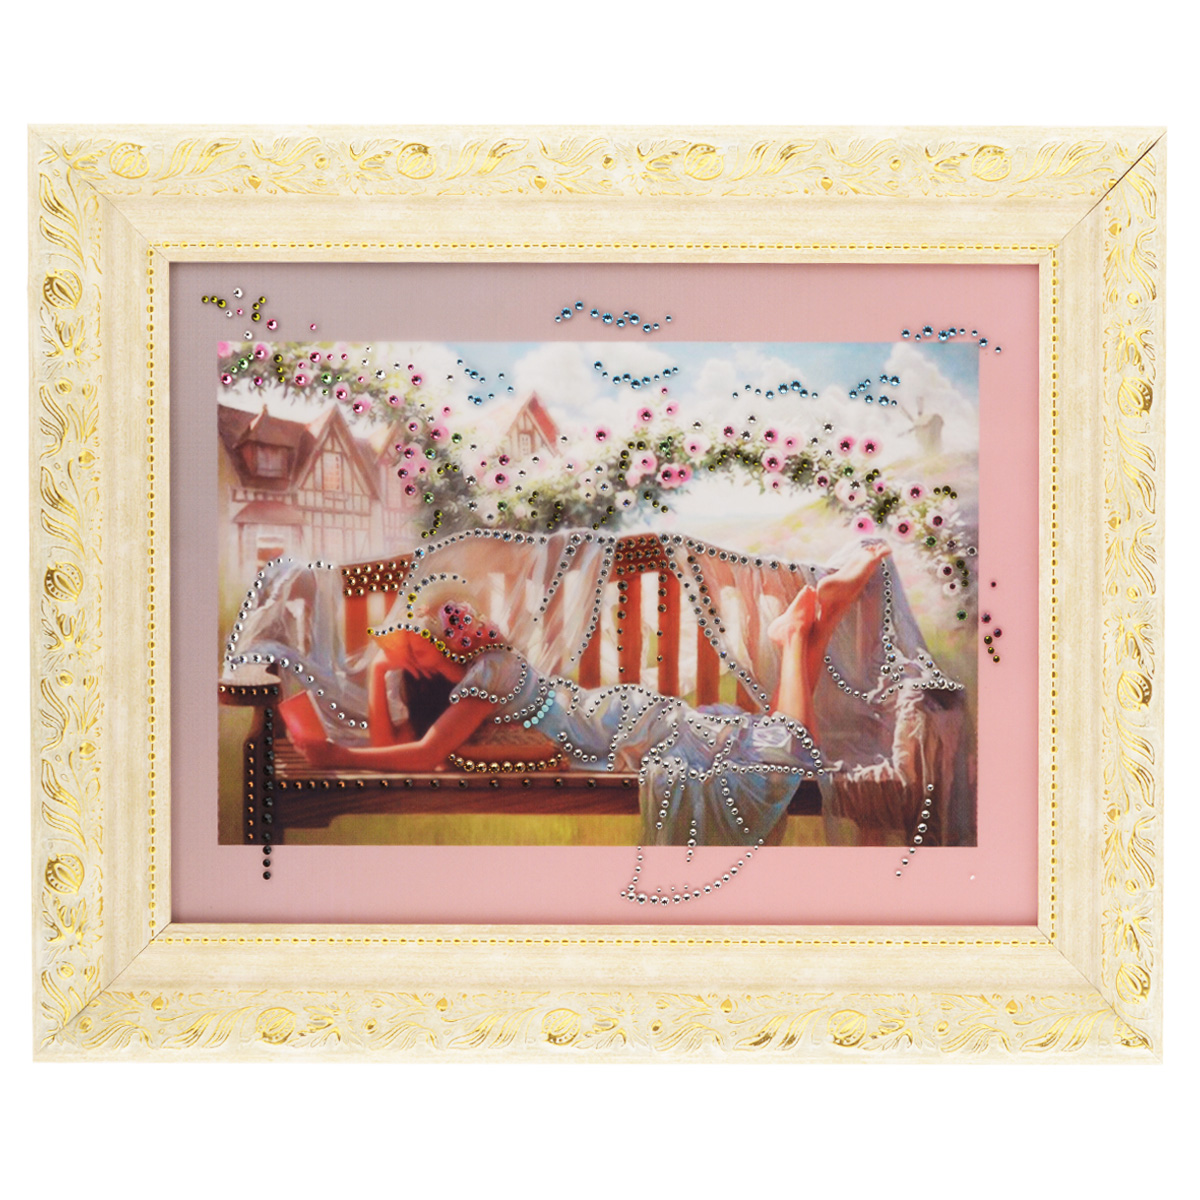 Картина с кристаллами Swarovski В саду, 50 см х 40 см27x40 OZ128-504011Изящная картина в багетной раме, инкрустирована кристаллами Swarovski, которые отличаются четкой и ровной огранкой, ярким блеском и чистотой цвета. Красочное изображение девушки читающей книжку в саду, расположенное под стеклом, прекрасно дополняет блеск кристаллов. С обратной стороны имеется металлическая проволока для размещения картины на стене. Картина с кристаллами Swarovski В саду элегантно украсит интерьер дома или офиса, а также станет прекрасным подарком, который обязательно понравится получателю. Блеск кристаллов в интерьере, что может быть сказочнее и удивительнее. Картина упакована в подарочную картонную коробку синего цвета и комплектуется сертификатом соответствия Swarovski.